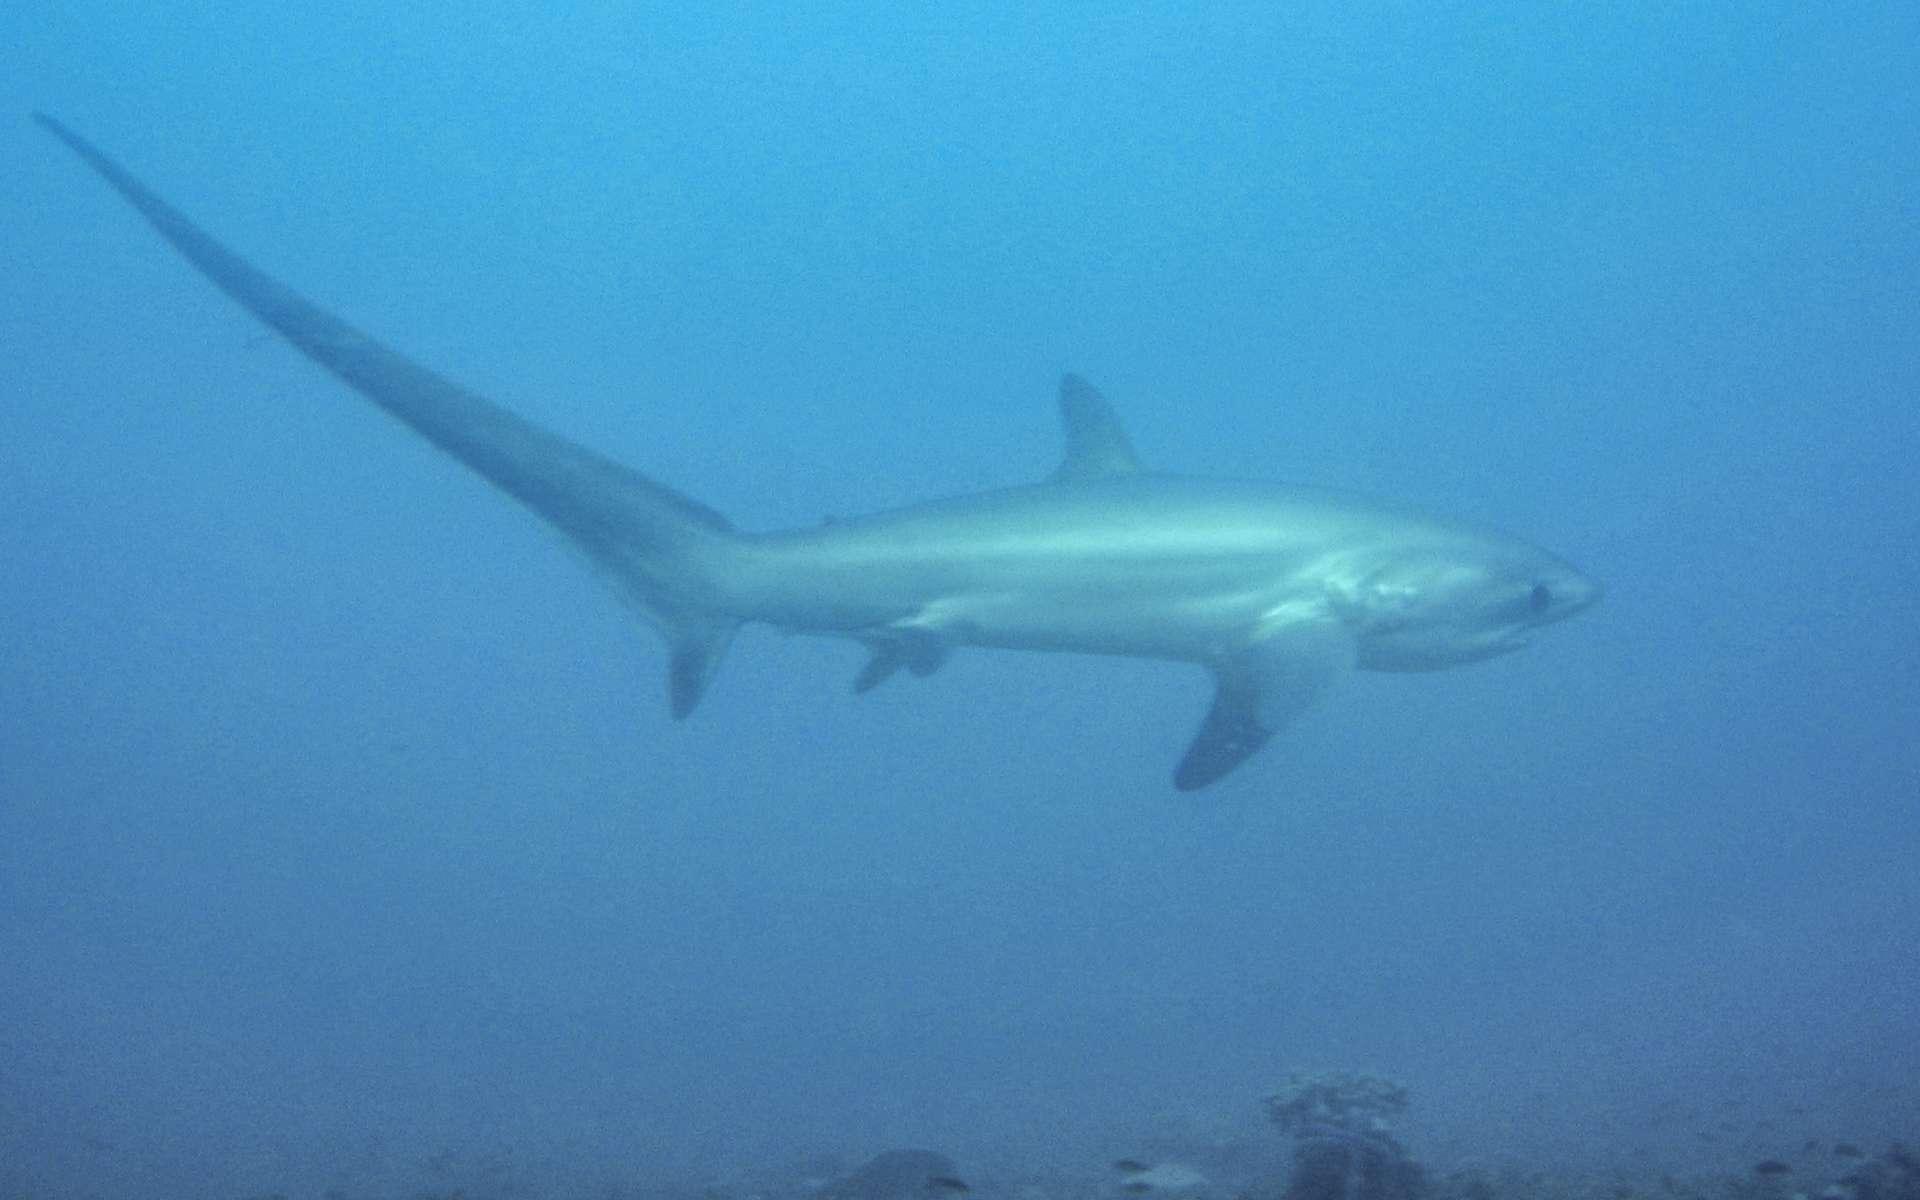 Les requins-renards constituent une famille composée de trois espèces : le requin-renard commun (à l'image), le requin-renard pélagique et le requin-renard à gros yeux. © Petter Lindgren, Wikipédia, cc by sa 3.0